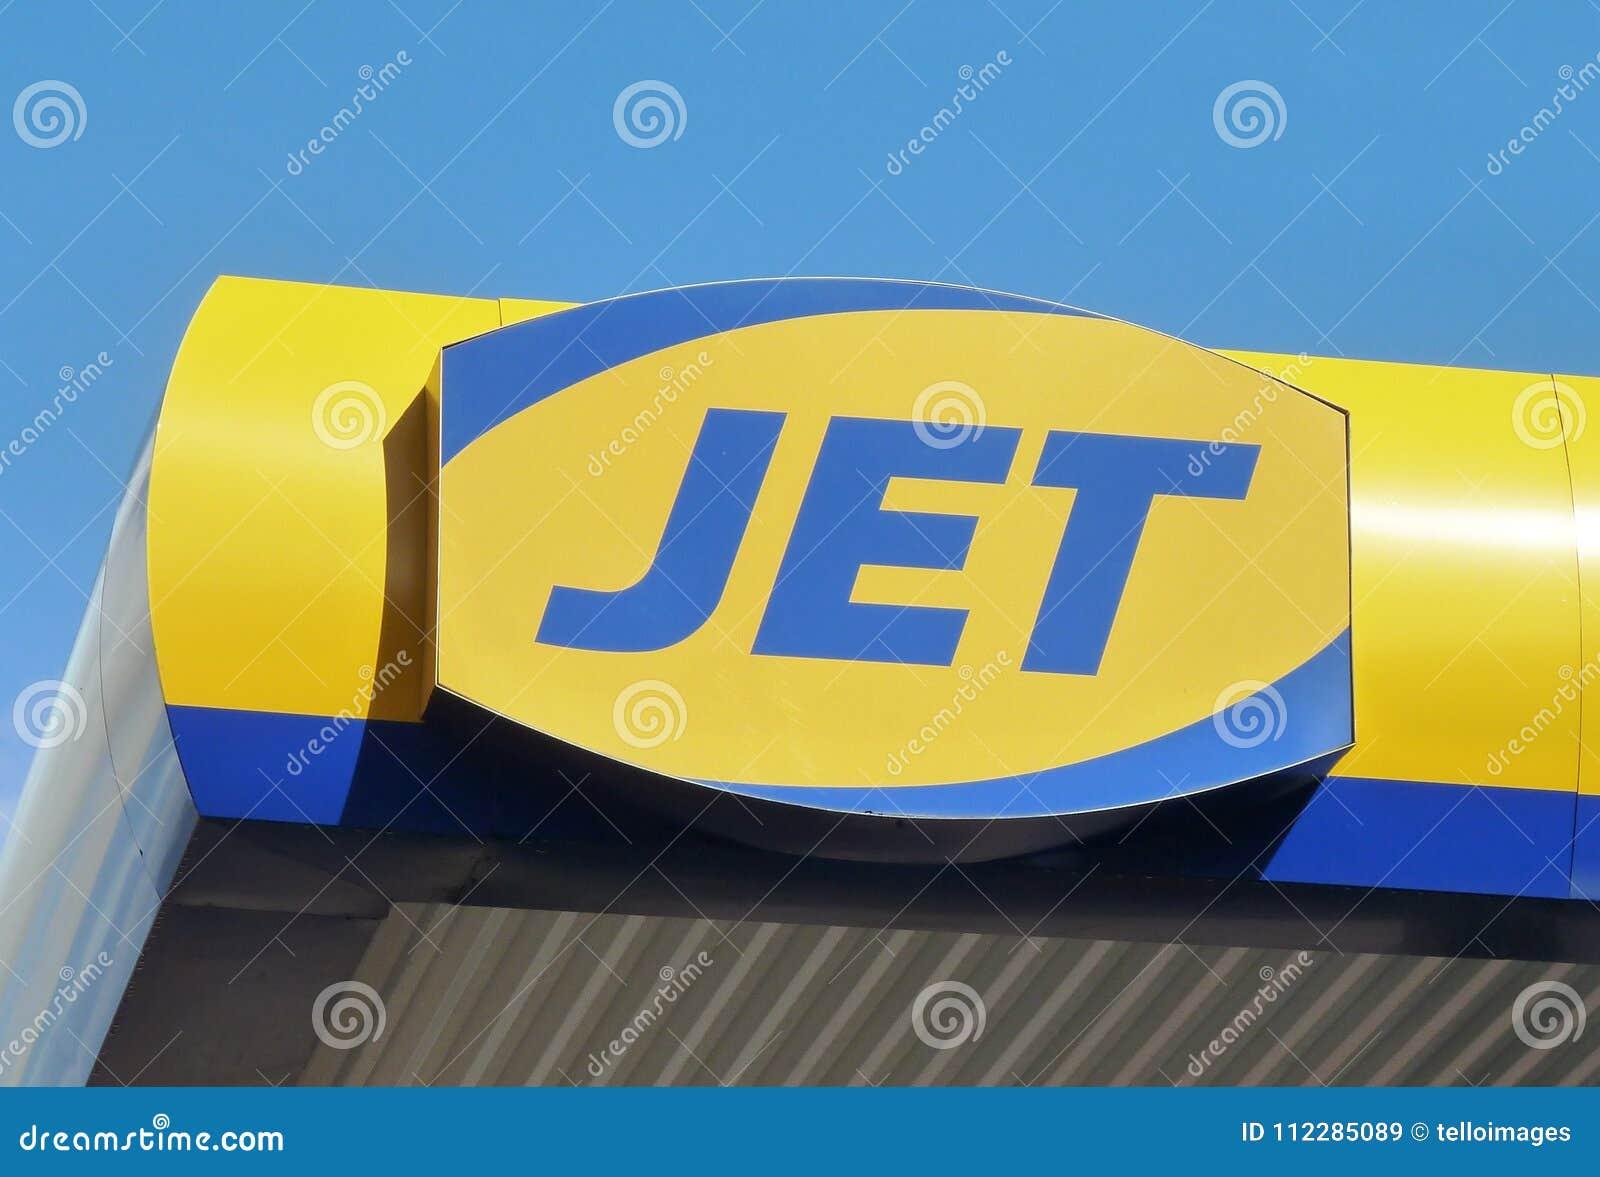 Jet Petrol Station Sign Logo